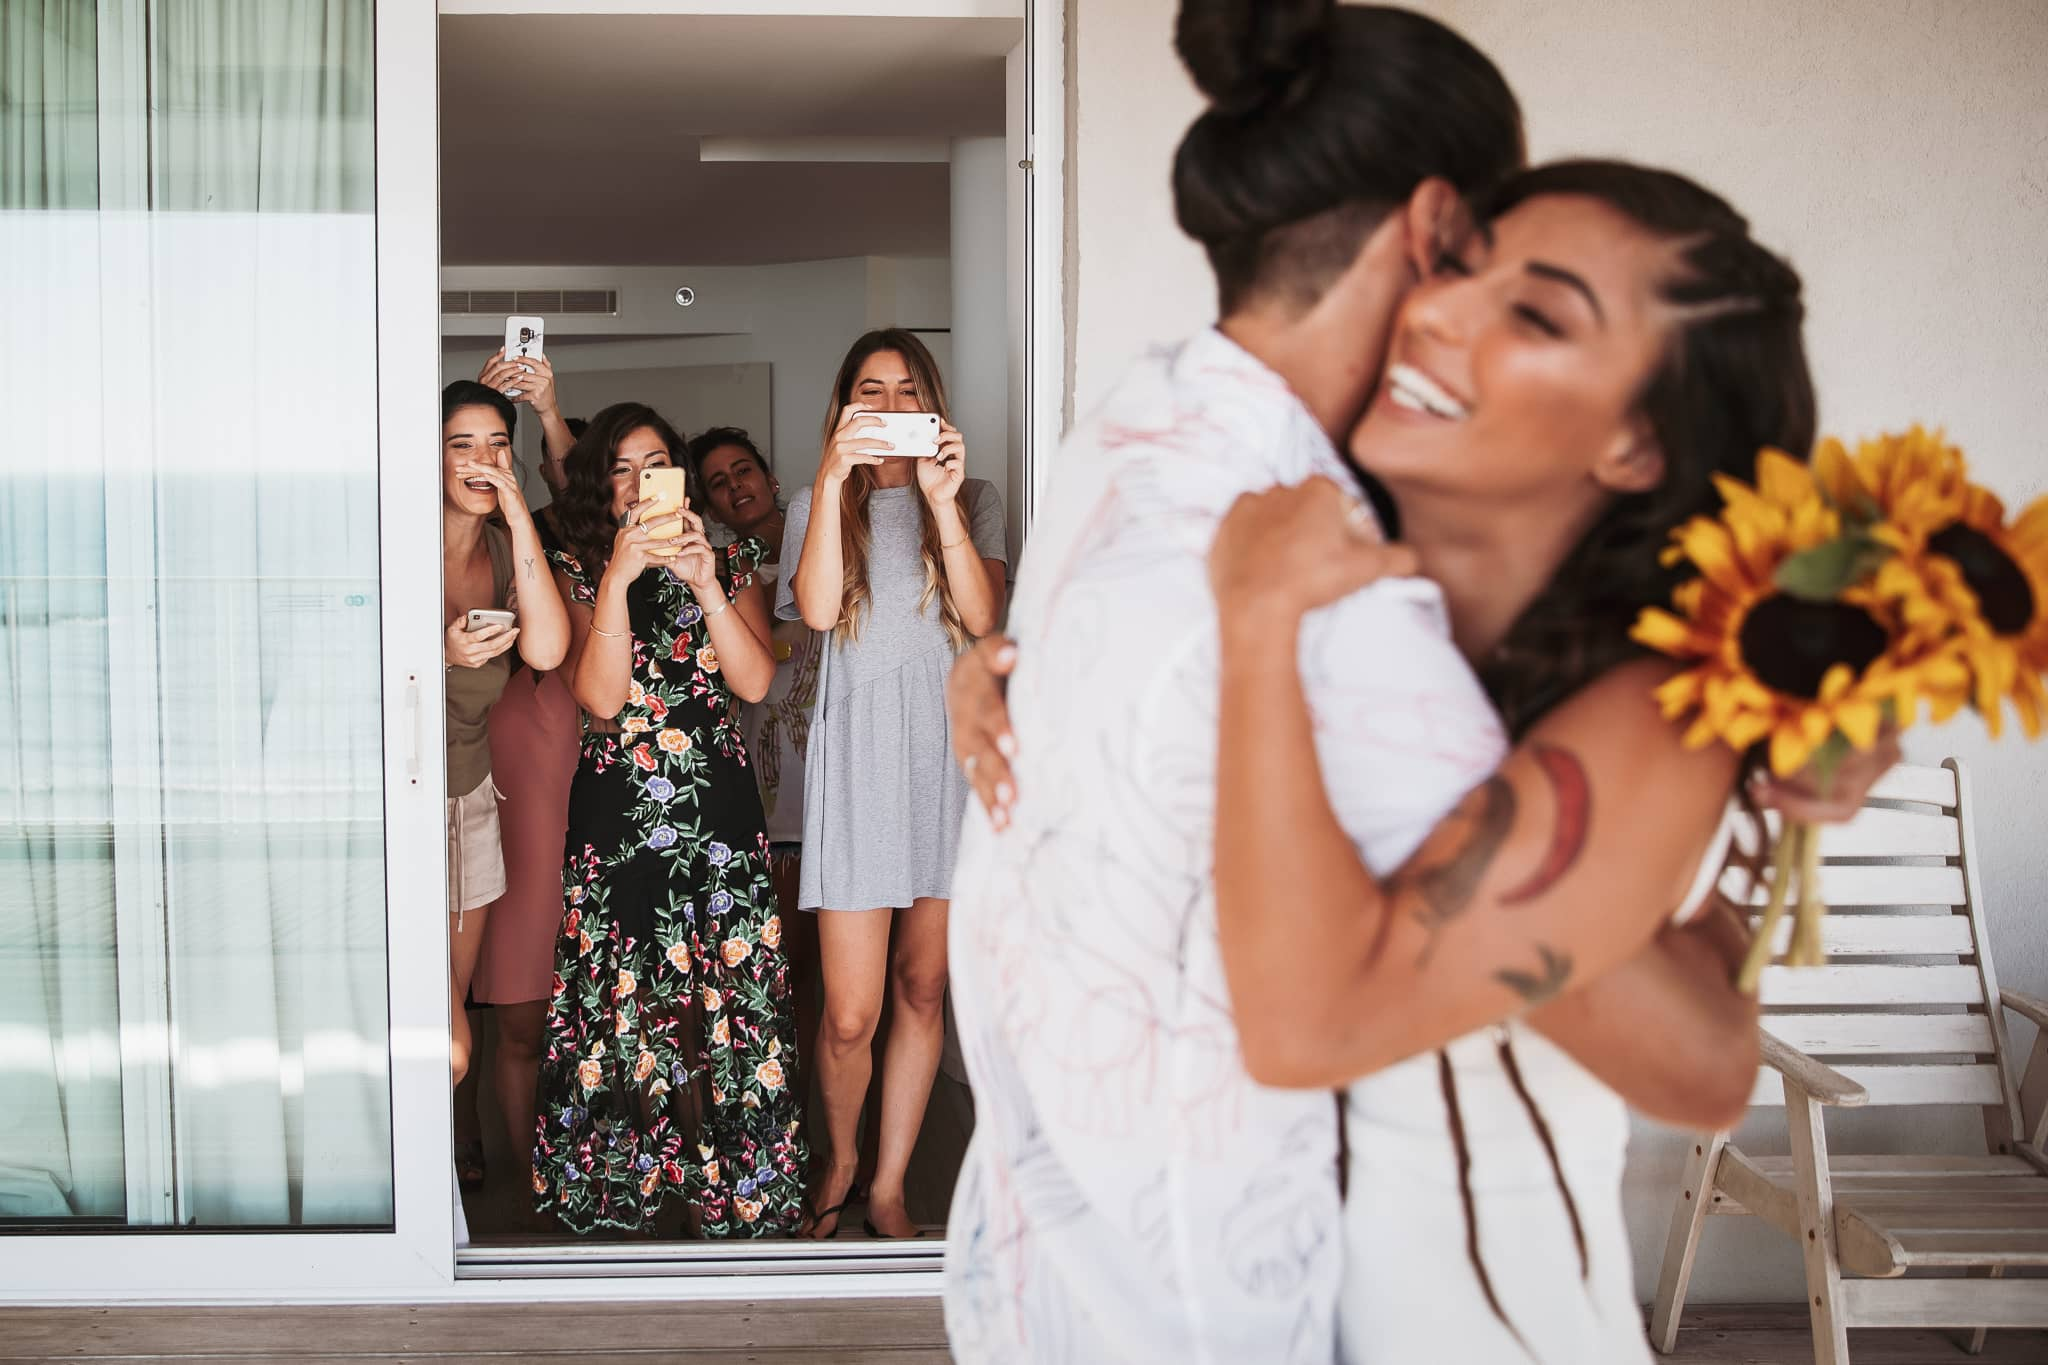 מסיבת רווקות במלון בוטיק בתל אביב